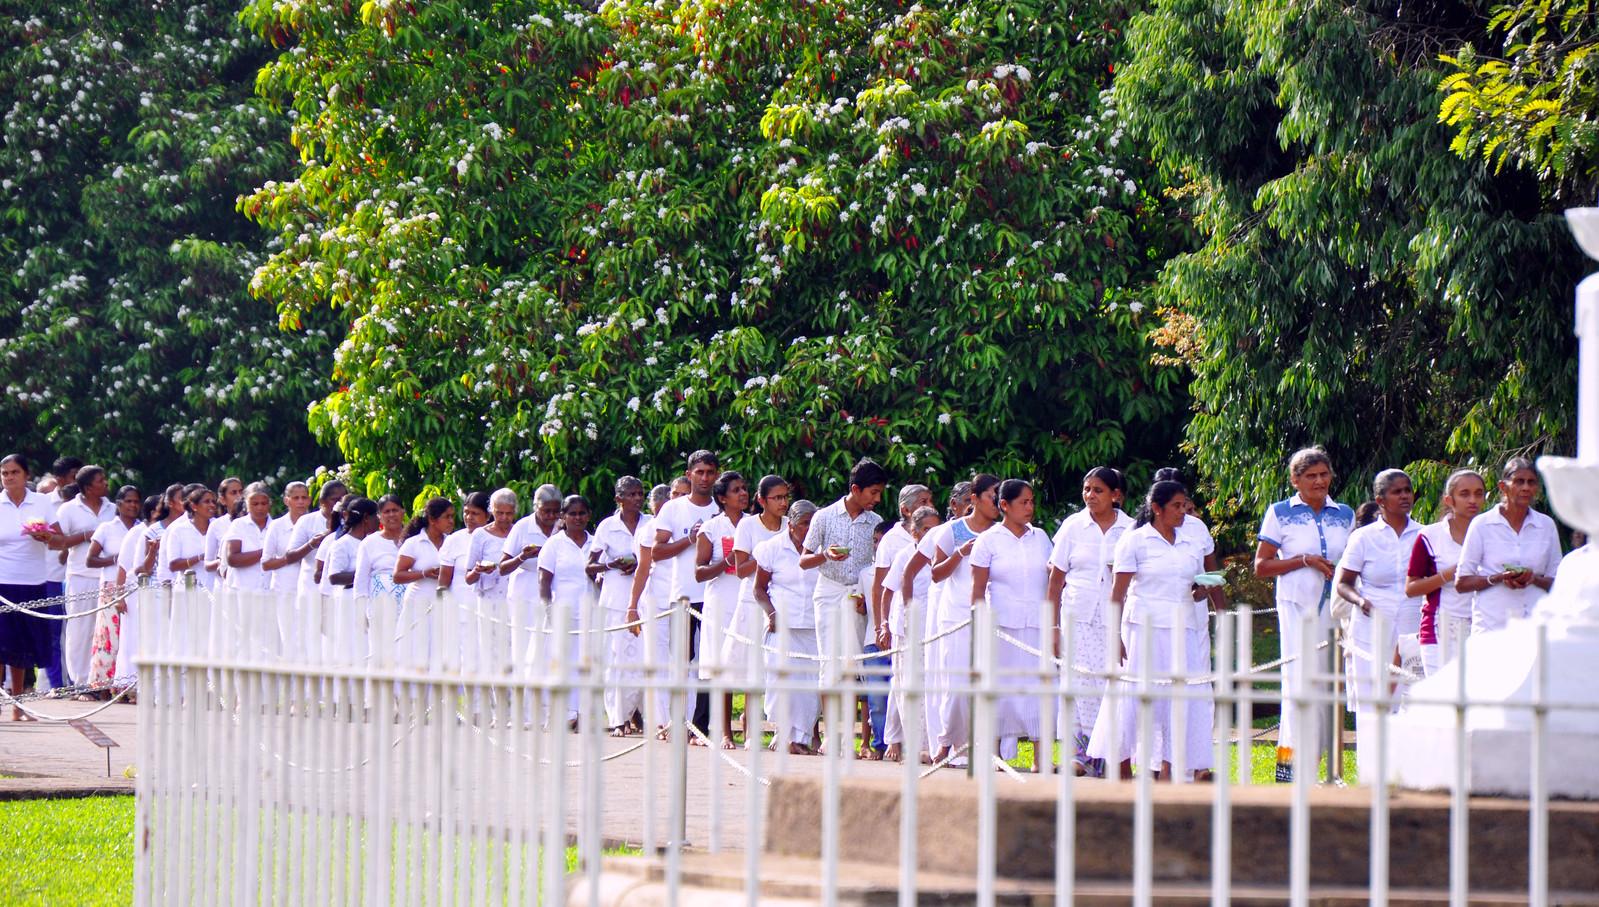 Kandy en un día, Sri Lanka kandy en un día - 32123789477 1eccc090a1 h - Kandy en un día, Sri Lanka